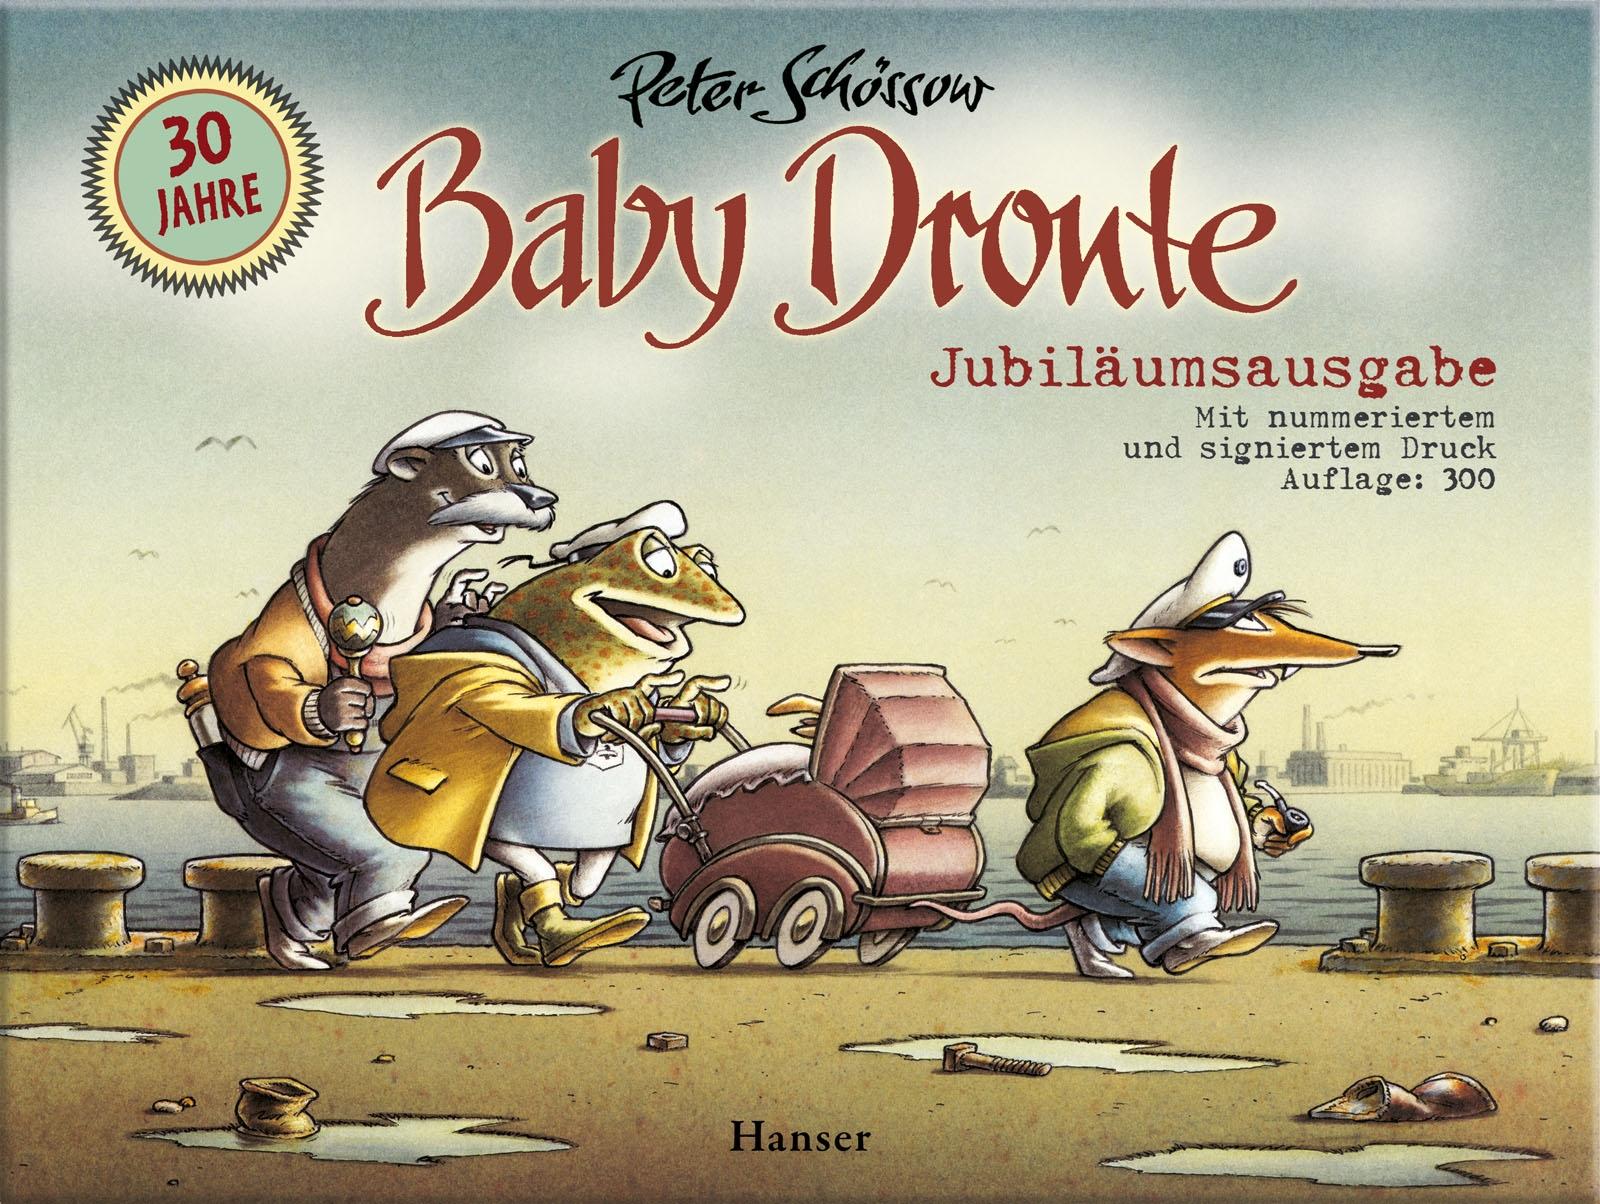 Peter Schössow, Baby Dronte - Jubiläumsausgabe, Hanser Verlag